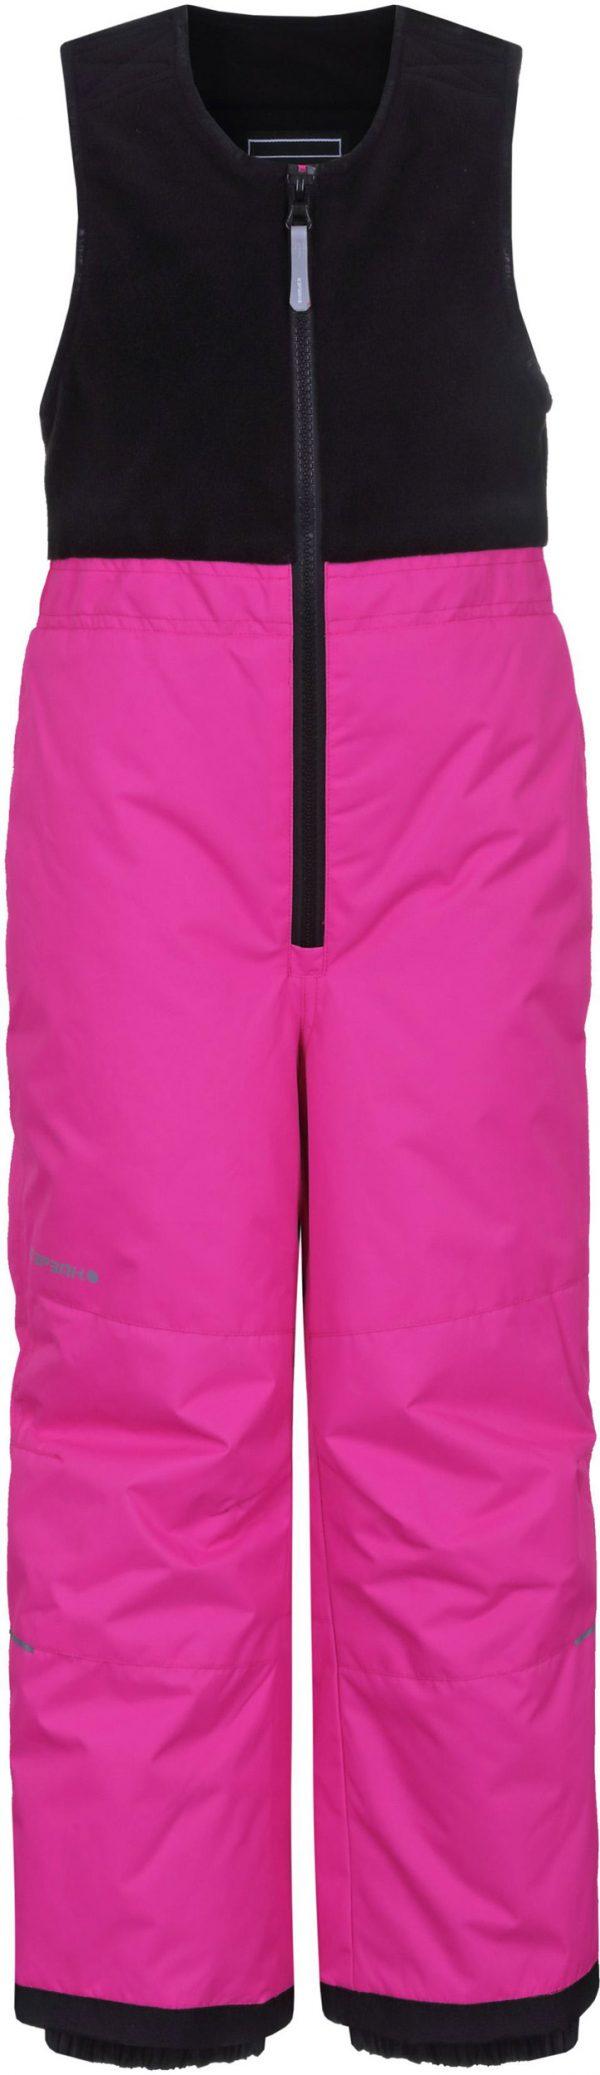 Dětské lyžařské kalhoty Icepeak Jr Jad KD Wadded Salopette, K Sporting